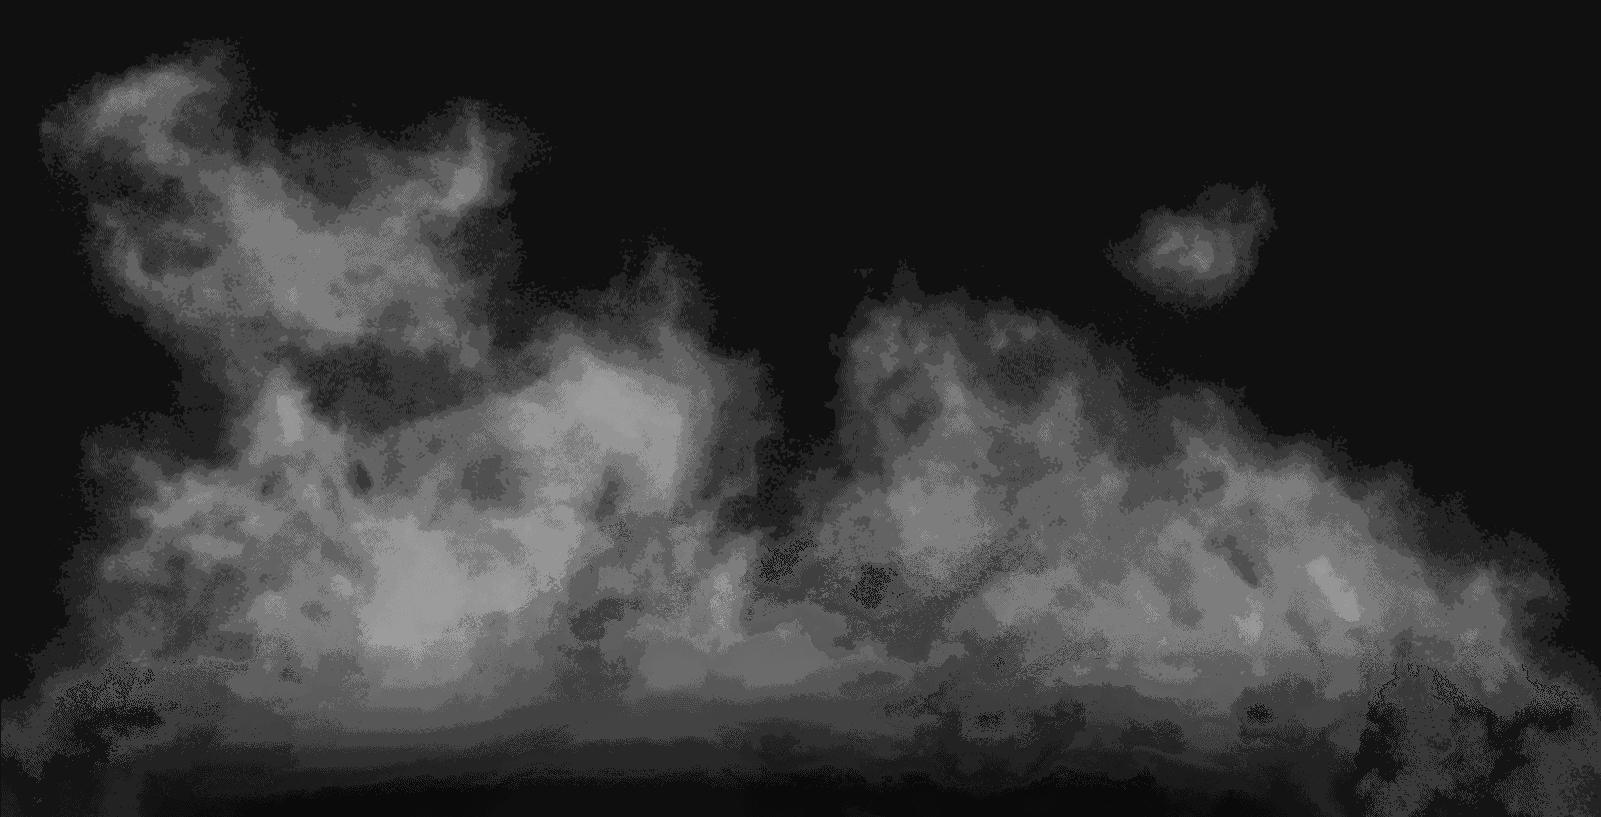 nuage lpa